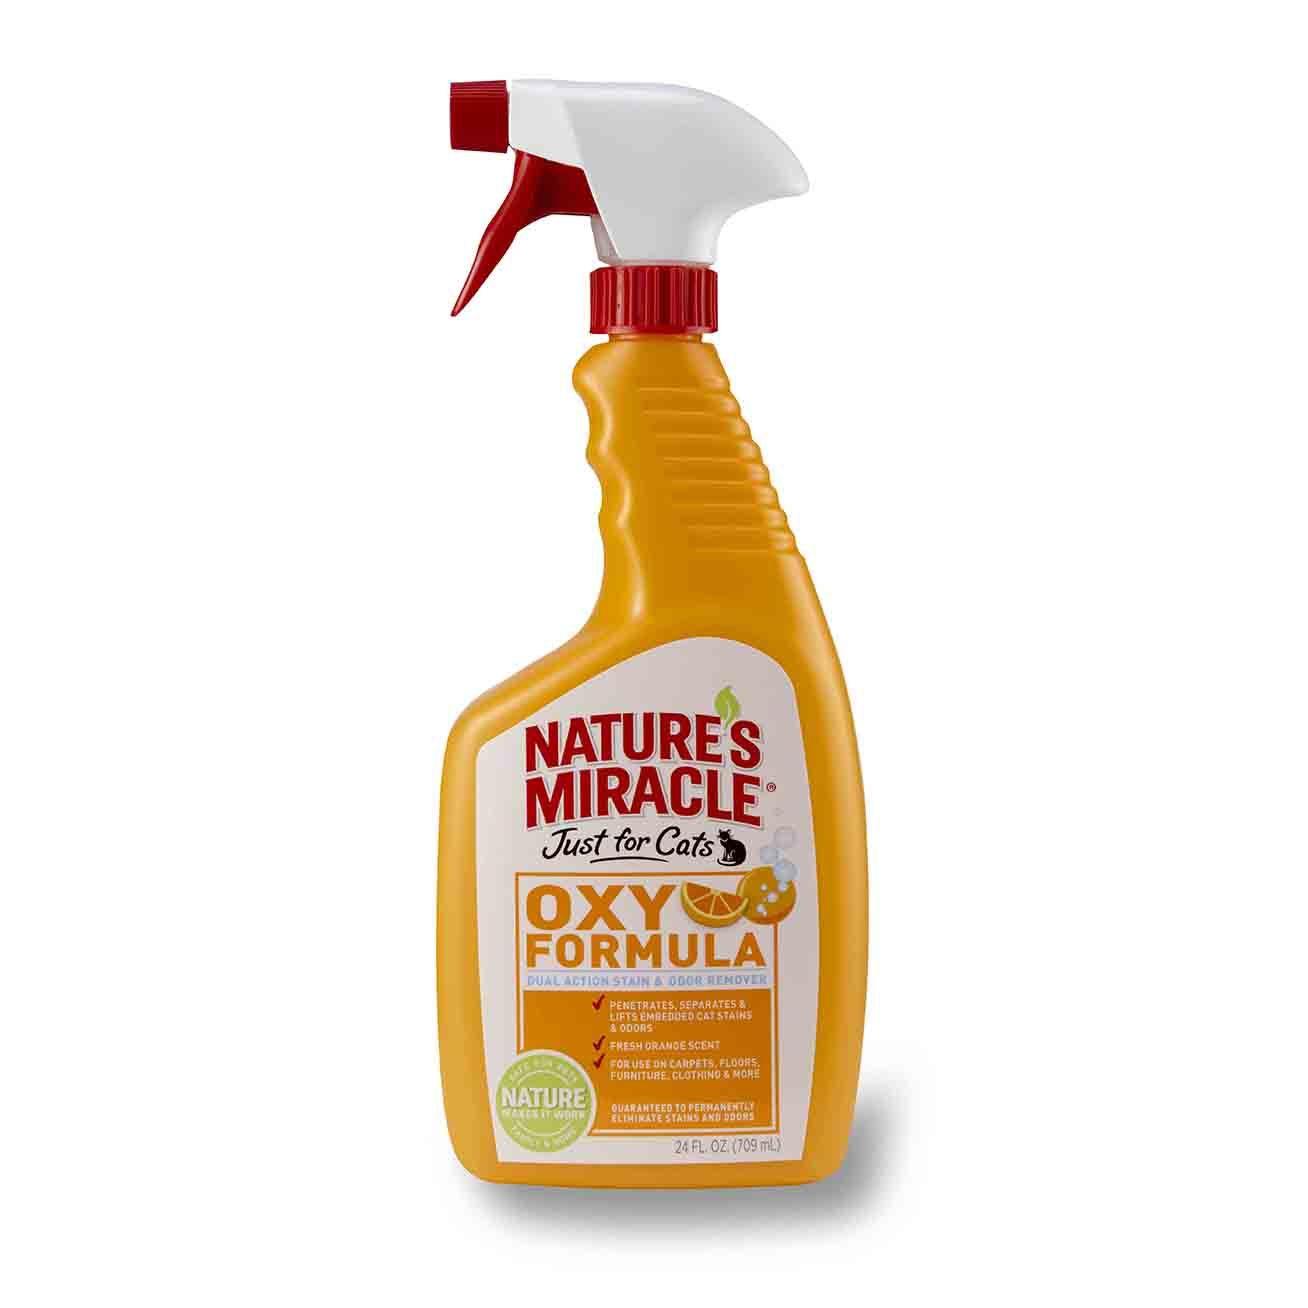 От пятен и запахов 8in1 уничтожитель пятен и запахов от кошек NM Orange-Oxy с активным кислородом, спрей 018065051615.jpg